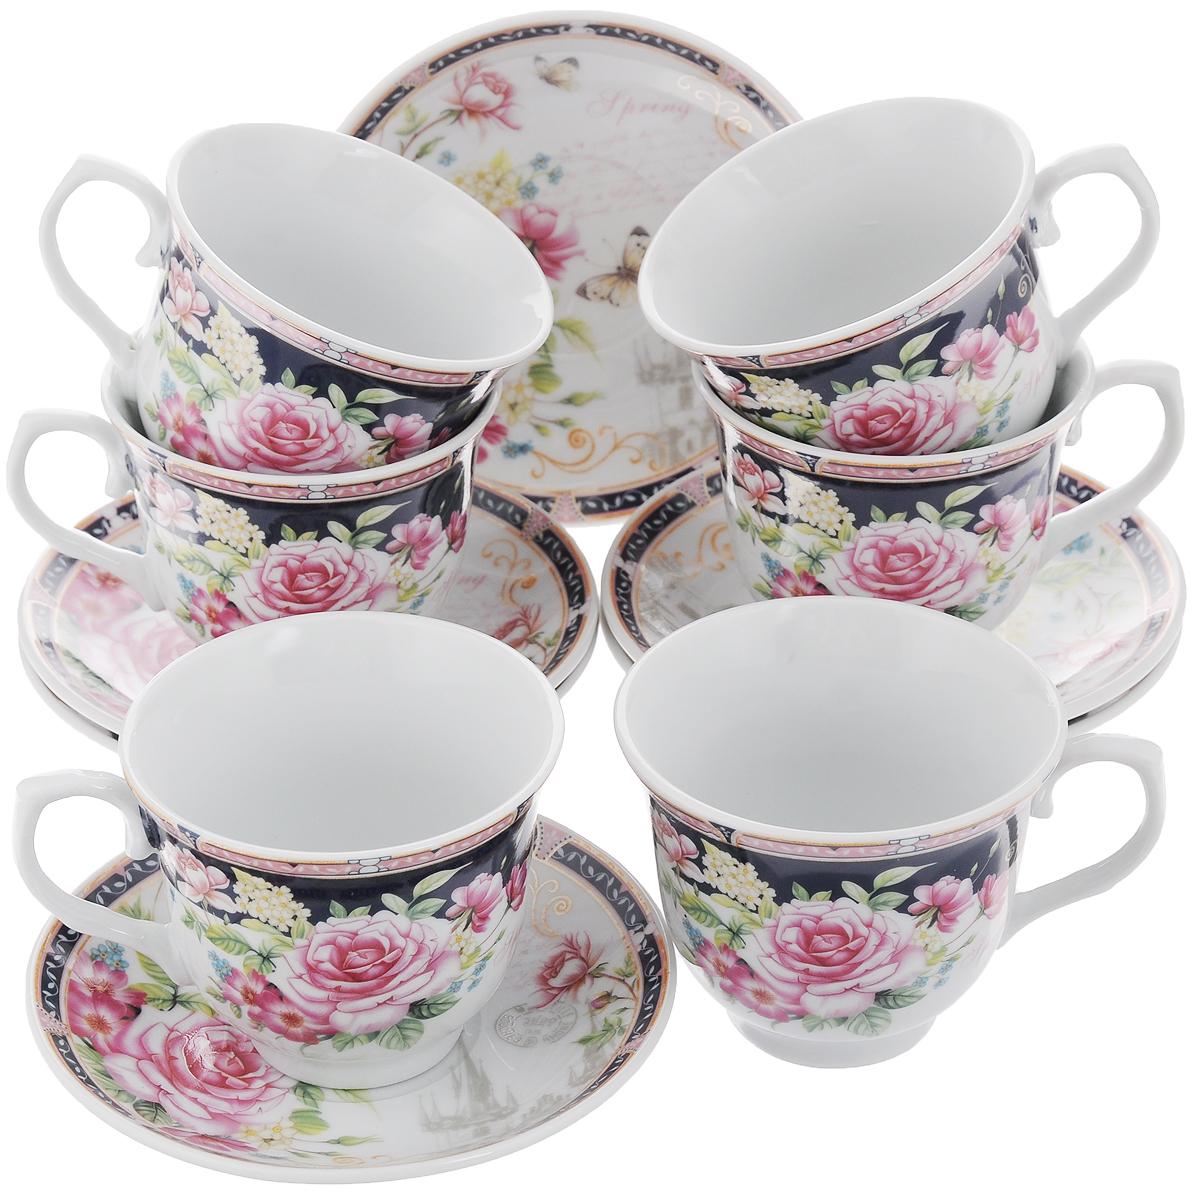 Набор чайный Loraine, 12 предметов. 2578325783Чайный набор Loraine состоит из 6 чашек и 6 блюдец. Изделия выполнены из высококачественного костяного фарфора и оформлены цветочным рисунком. Такой набор дополнит сервировку стола к чаепитию. Благодаря изысканному дизайну и качеству исполнения он станет замечательным подарком для ваших друзей и близких. Набор упакован в подарочную коробку, задрапированную белой атласной тканью. Объем чашки: 220 мл. Диаметр чашки по верхнему краю: 8,7 см. Высота чашки: 7,5 см. Диаметр блюдца: 13,5 см. Высота блюдца: 2,2 см.